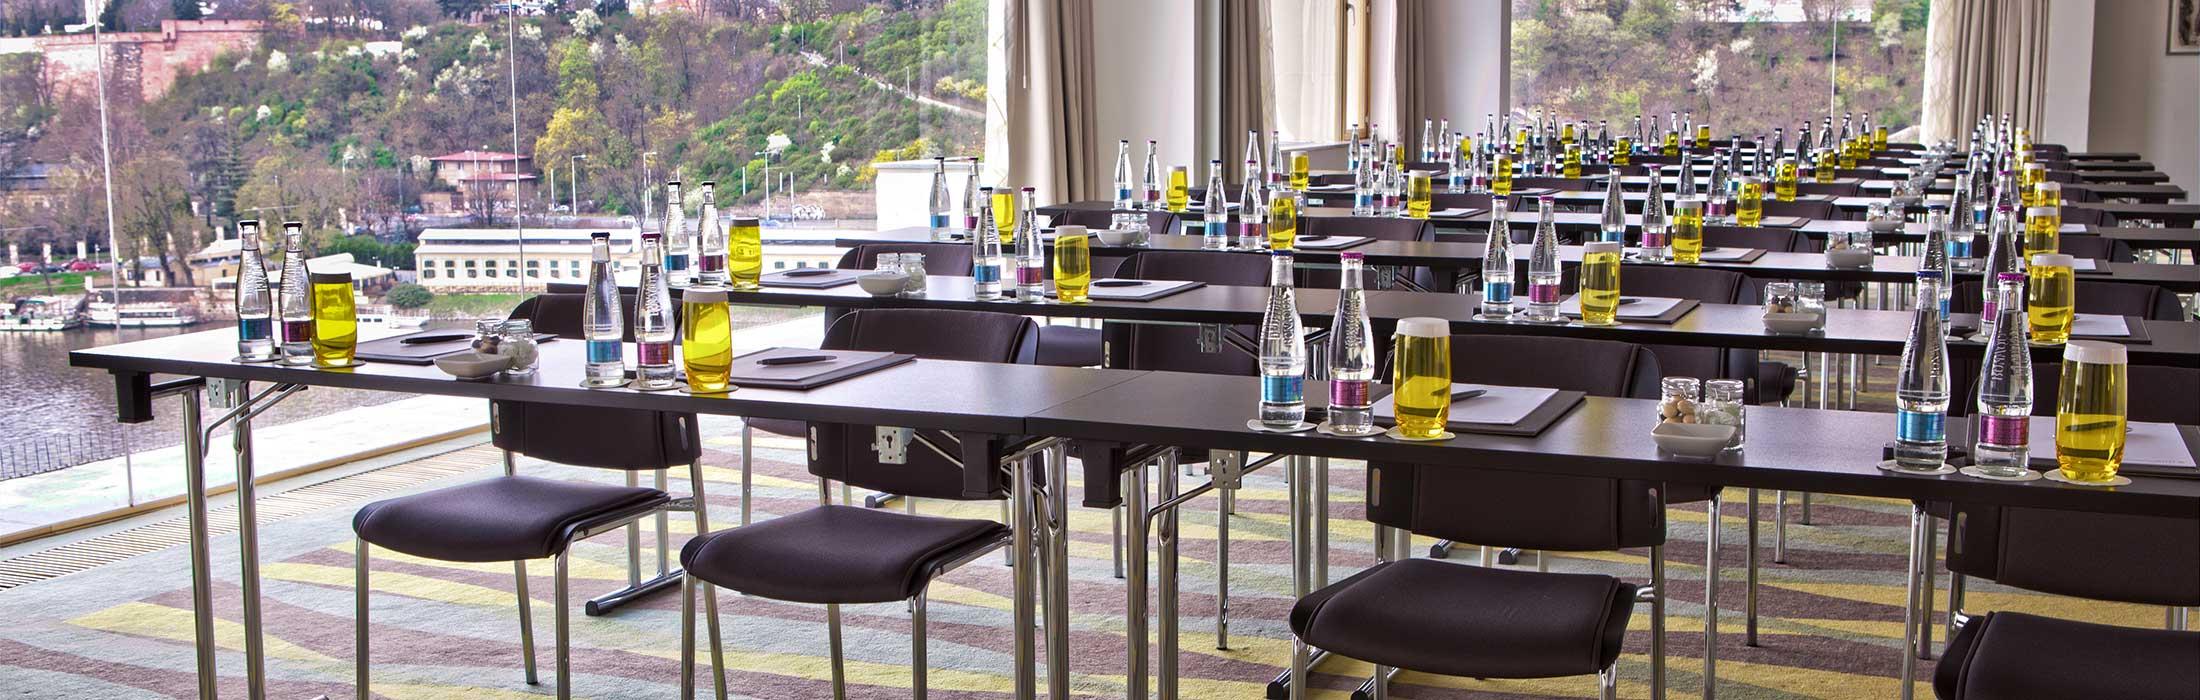 GPH meetings klementinumbelevedere slide jpg